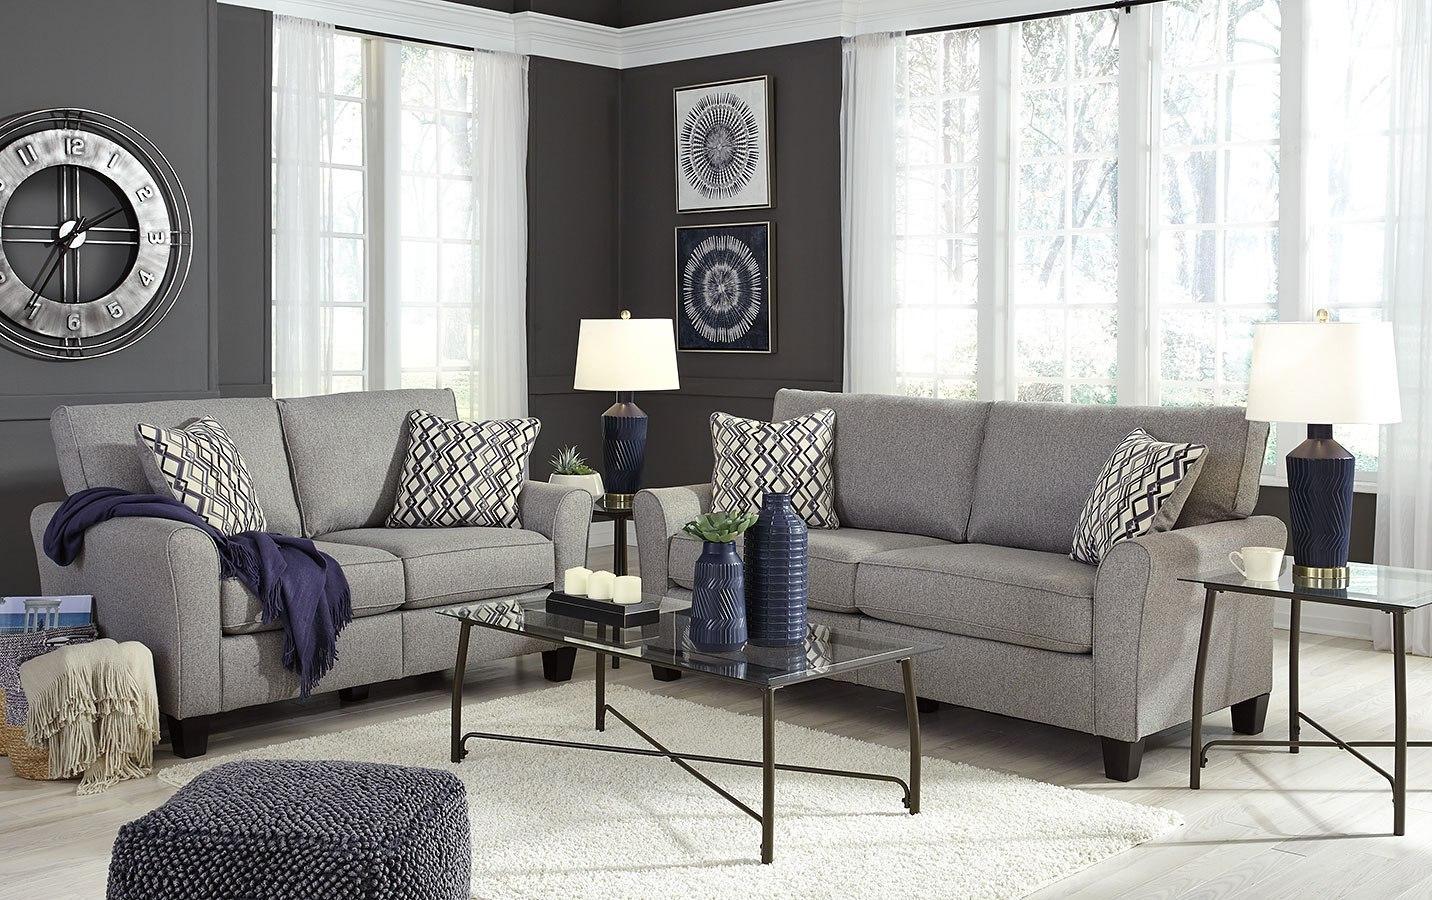 Strehela Silver Living Room Set Signature Design